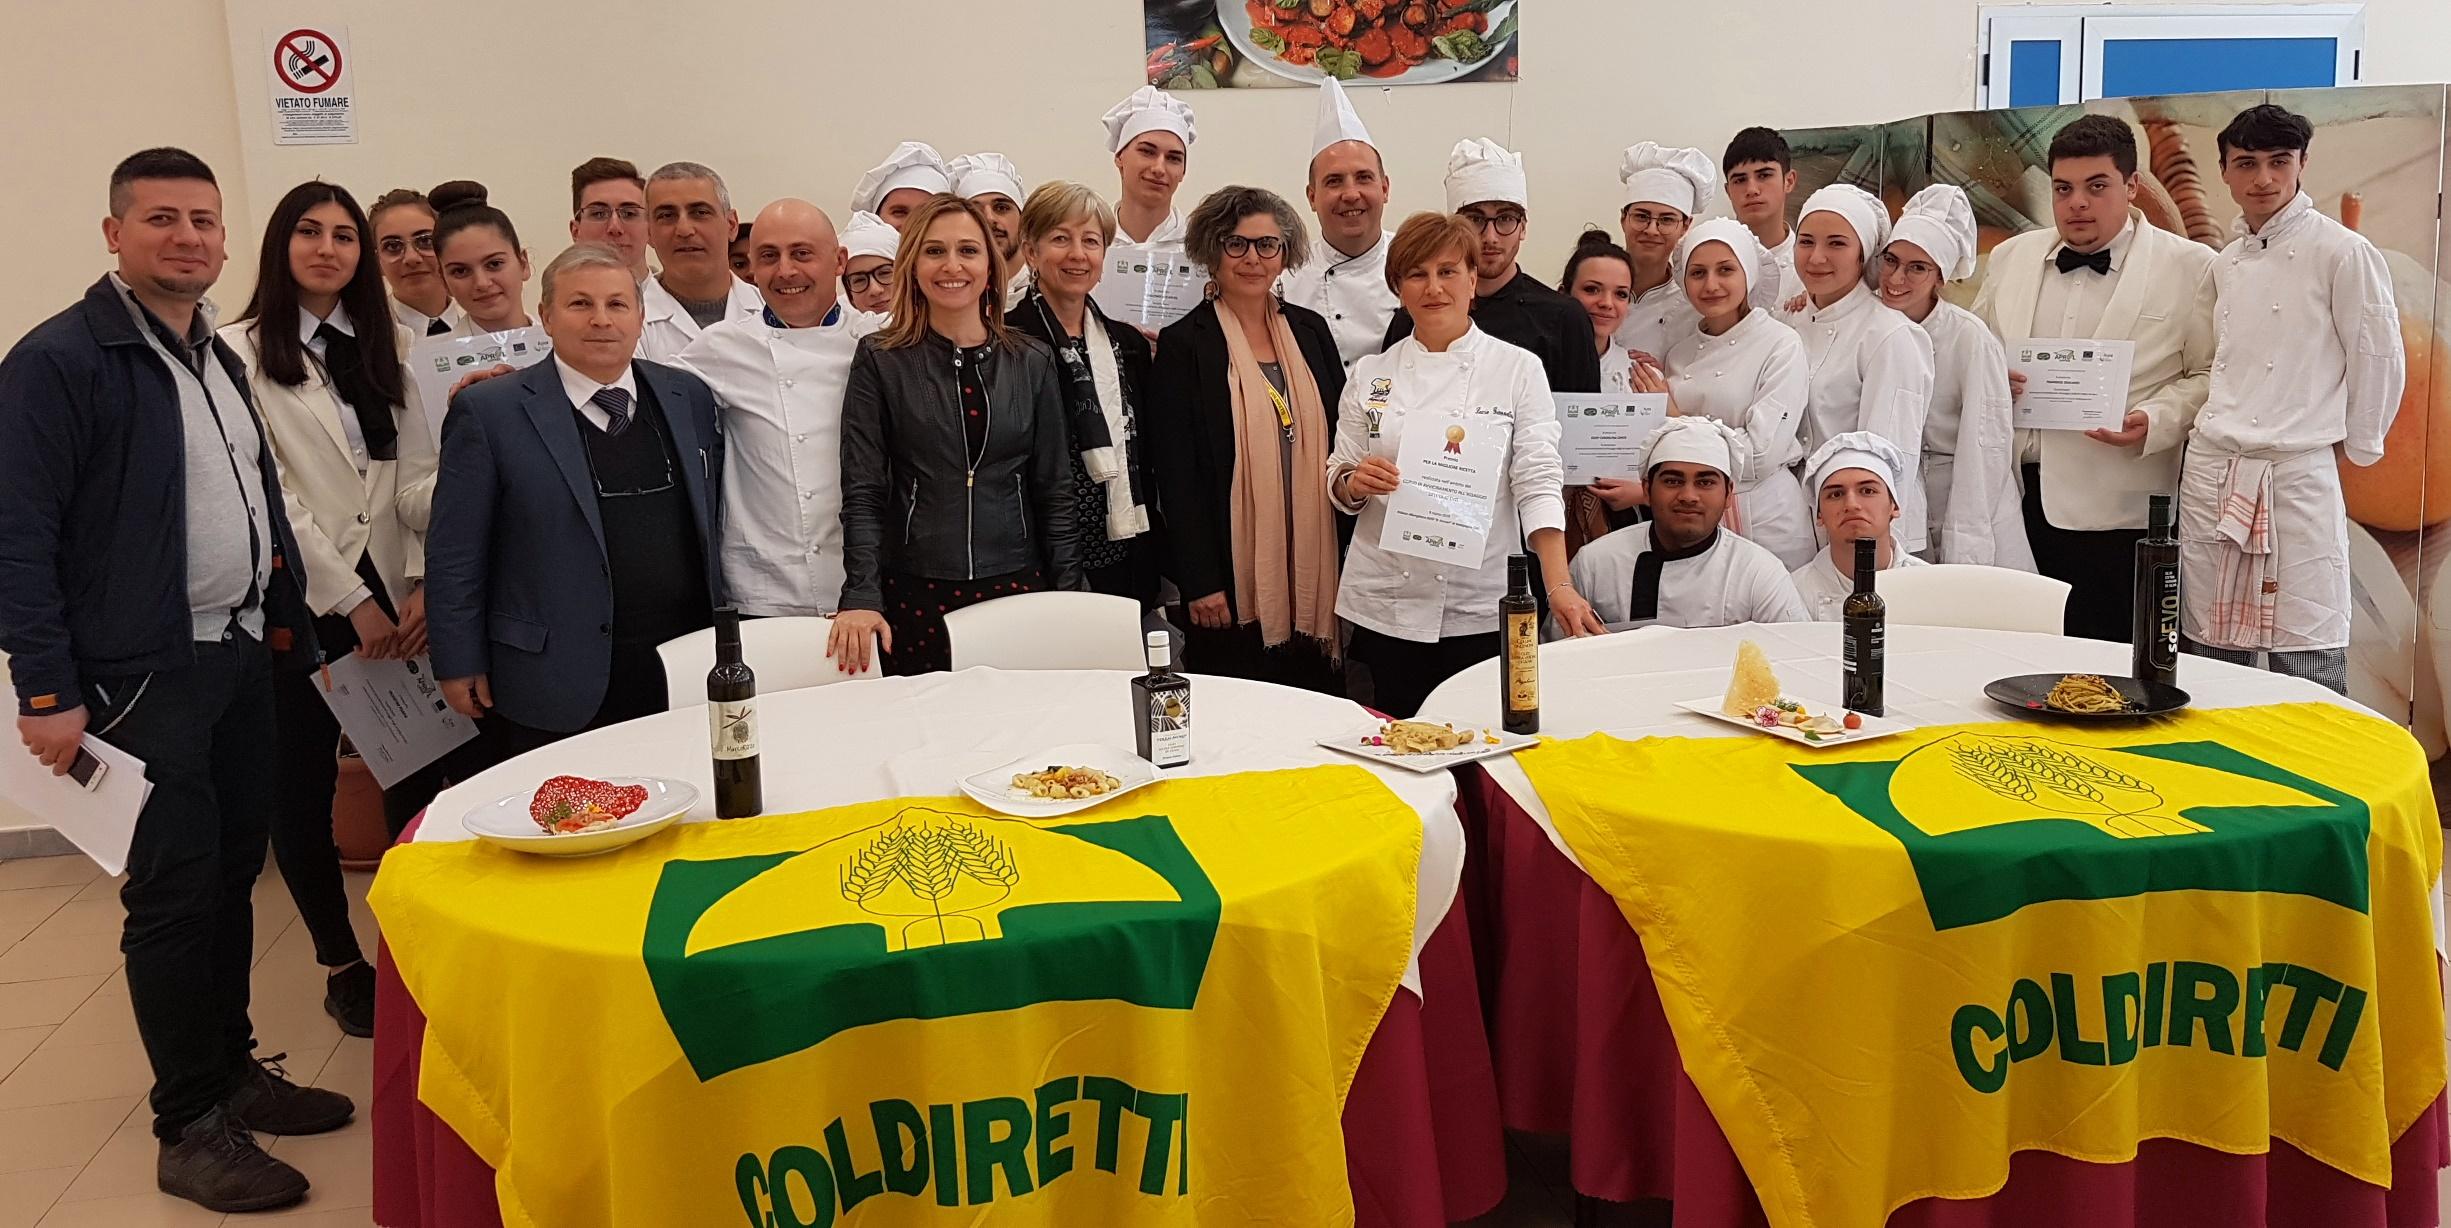 Coldiretti: in Campania l'8 marzo festa in piatti, mercati e treno storico